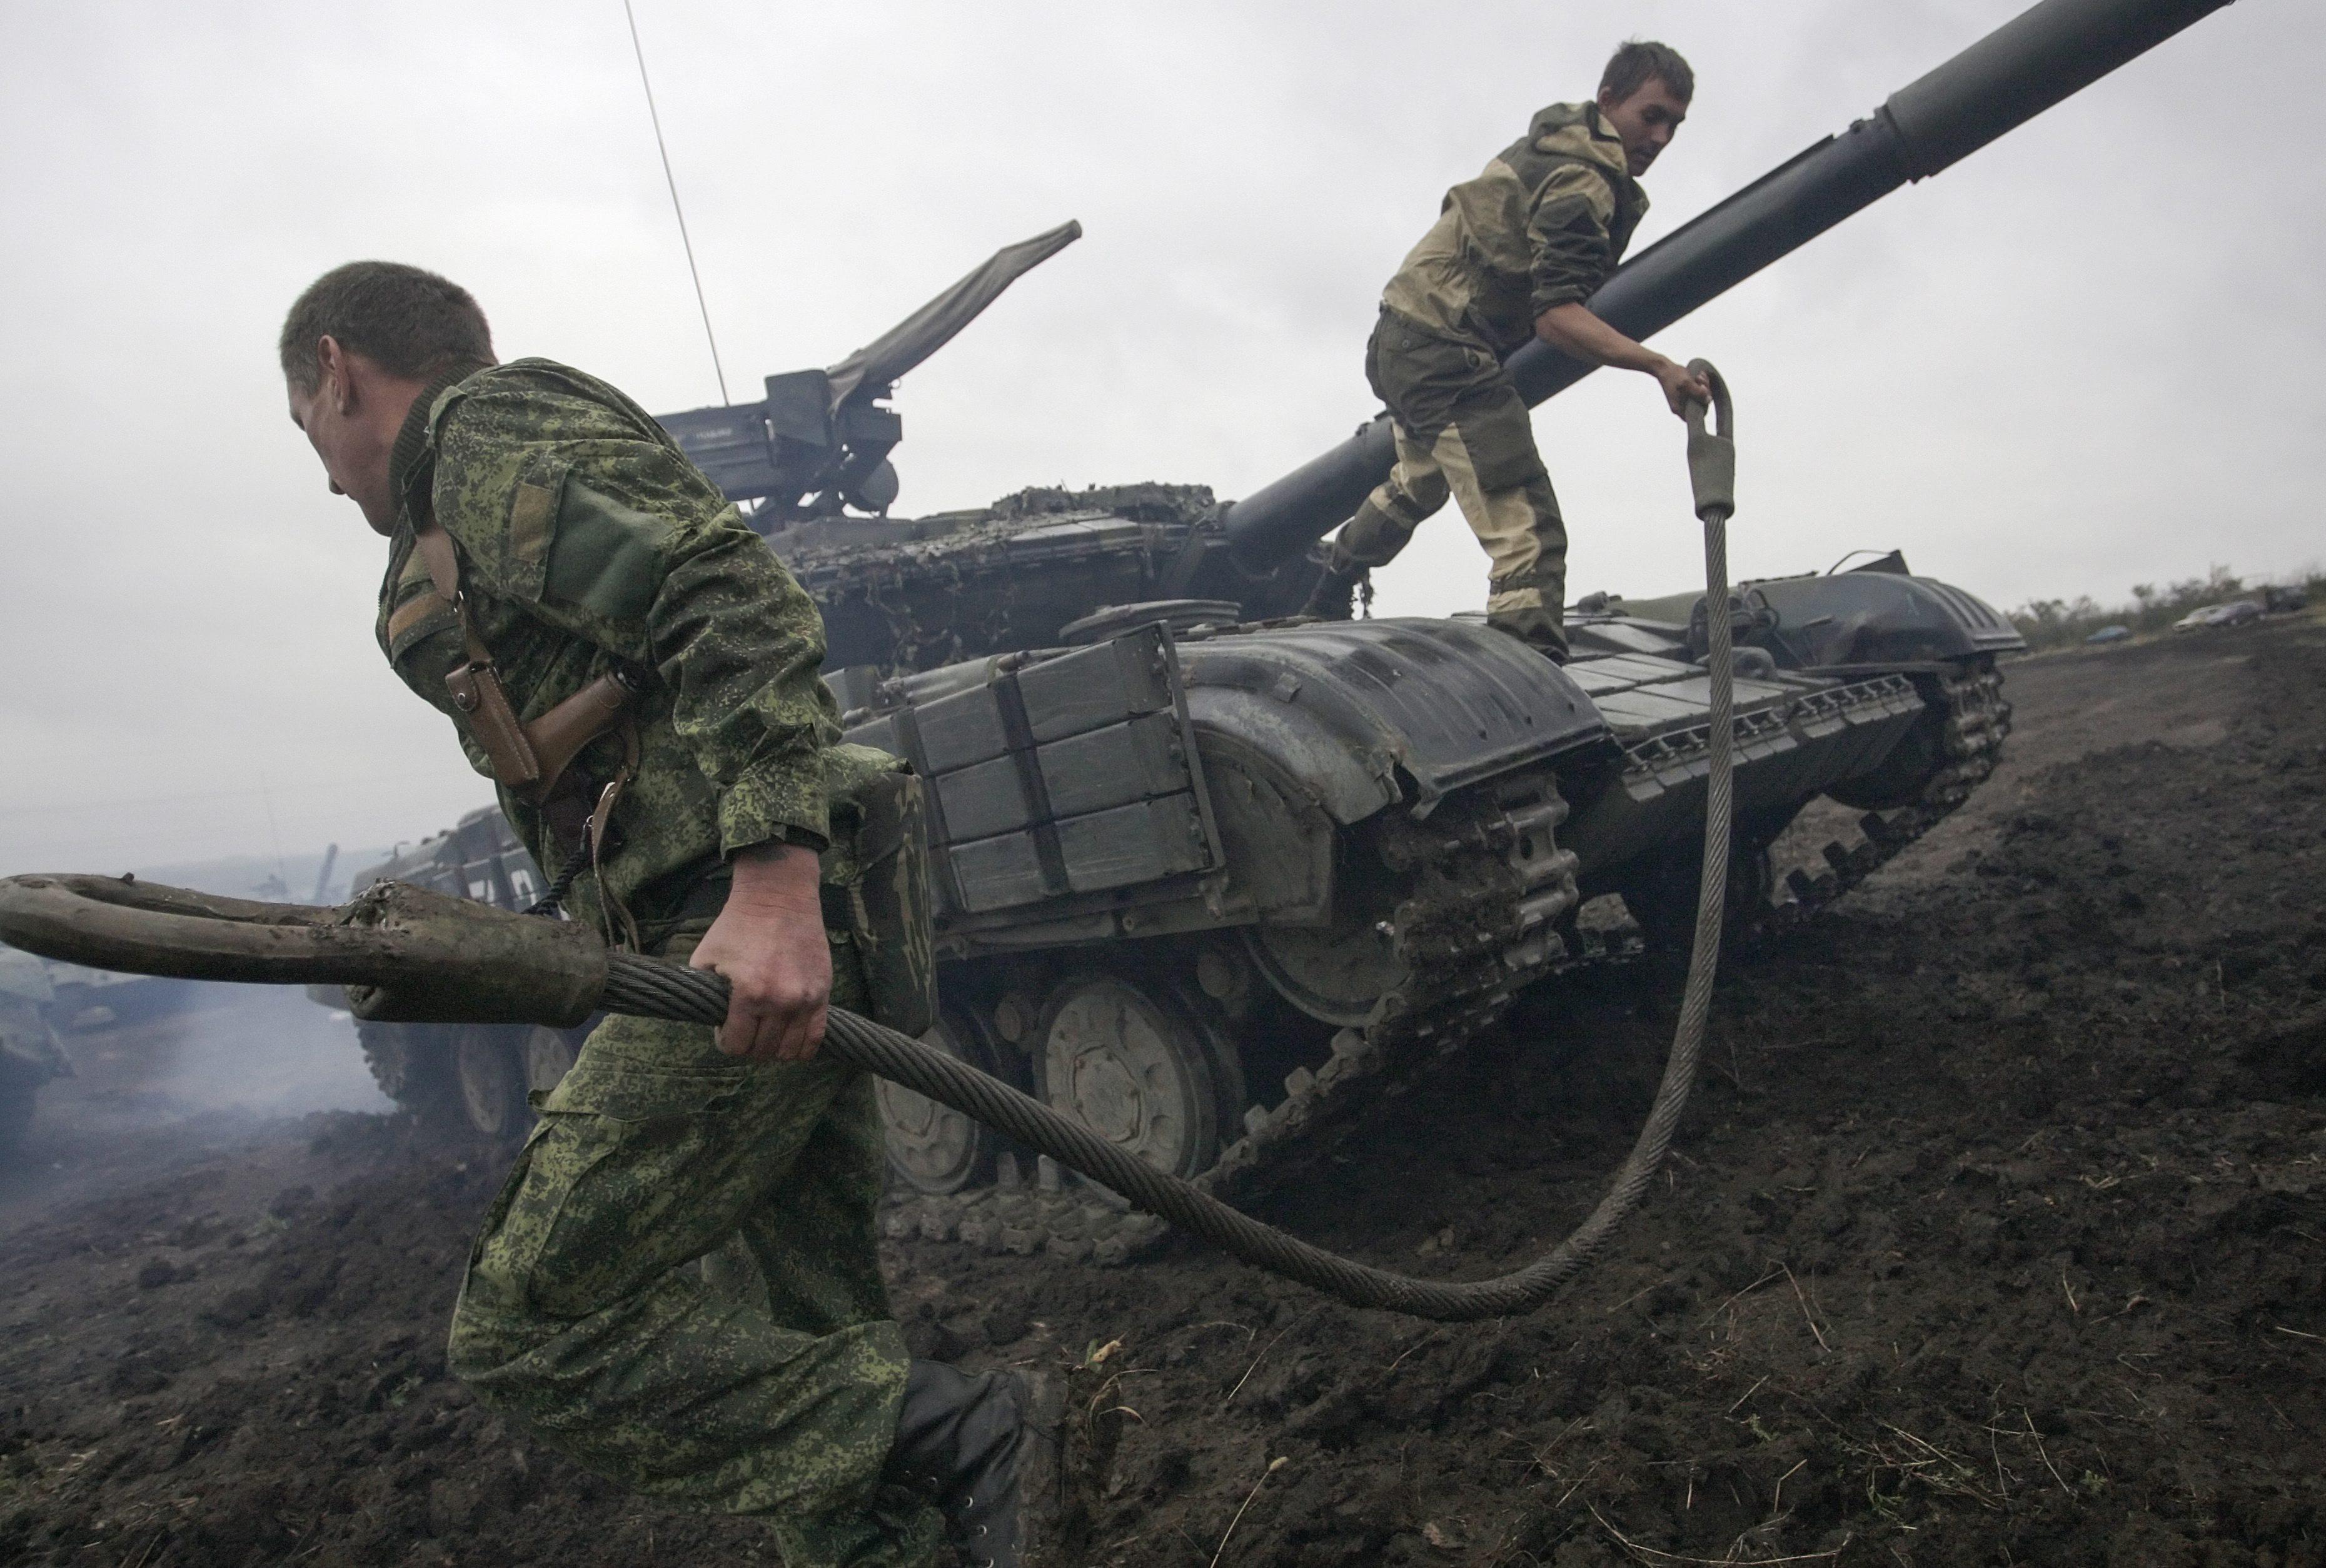 SUA ar putea trimite arme Ucrainei, pentru a o sprijini in lupta impotriva rebelilor prorusi.